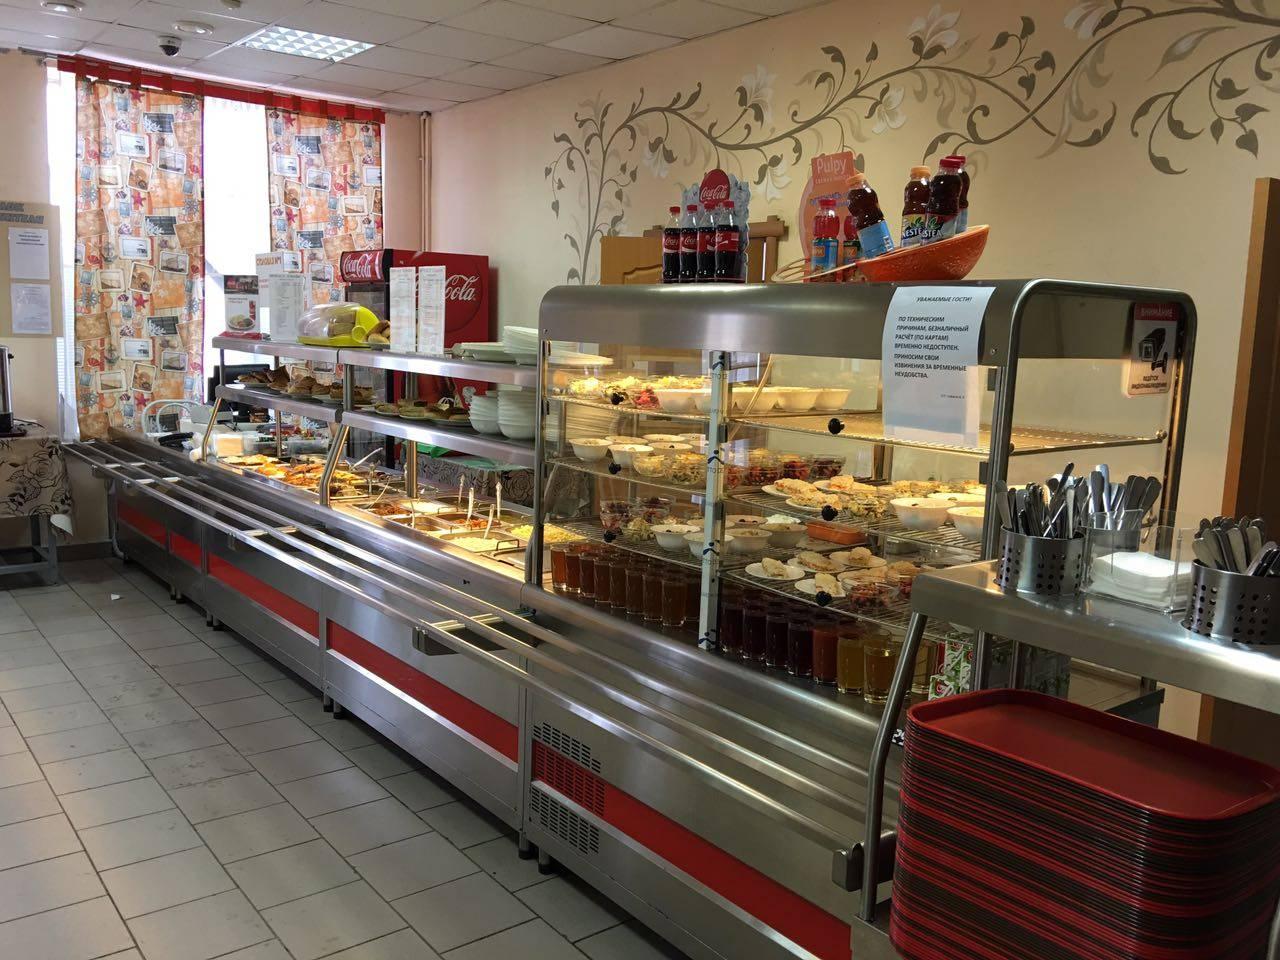 Бизнес в чехии для русских купить готовый малый гостиничный или какой открыть: продажа бизнеса и бизнес эмиграция